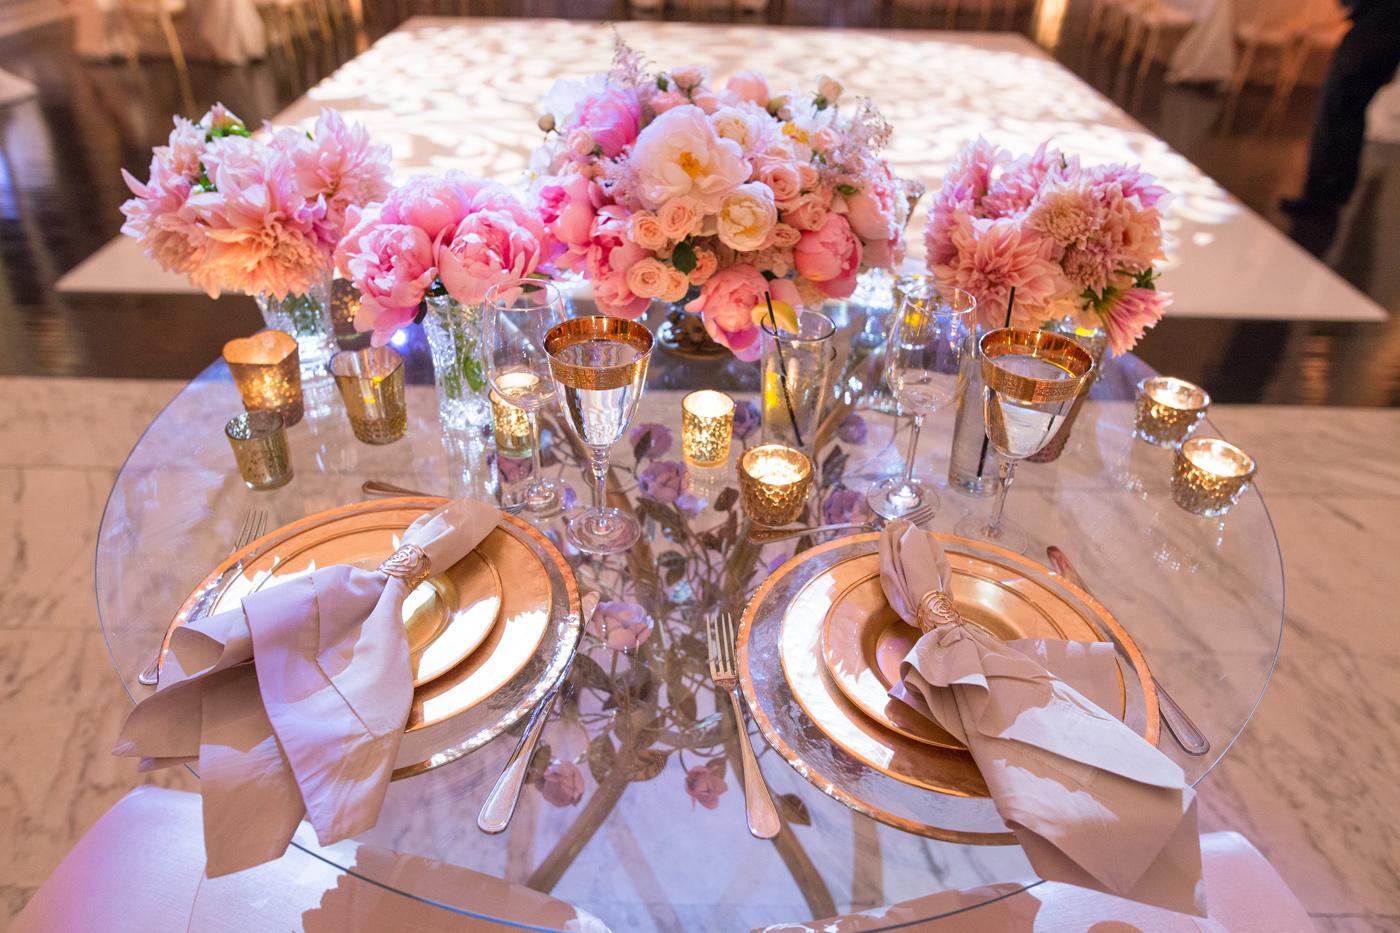 049_DukePhotography_DukeImages_Wedding_Details.jpg